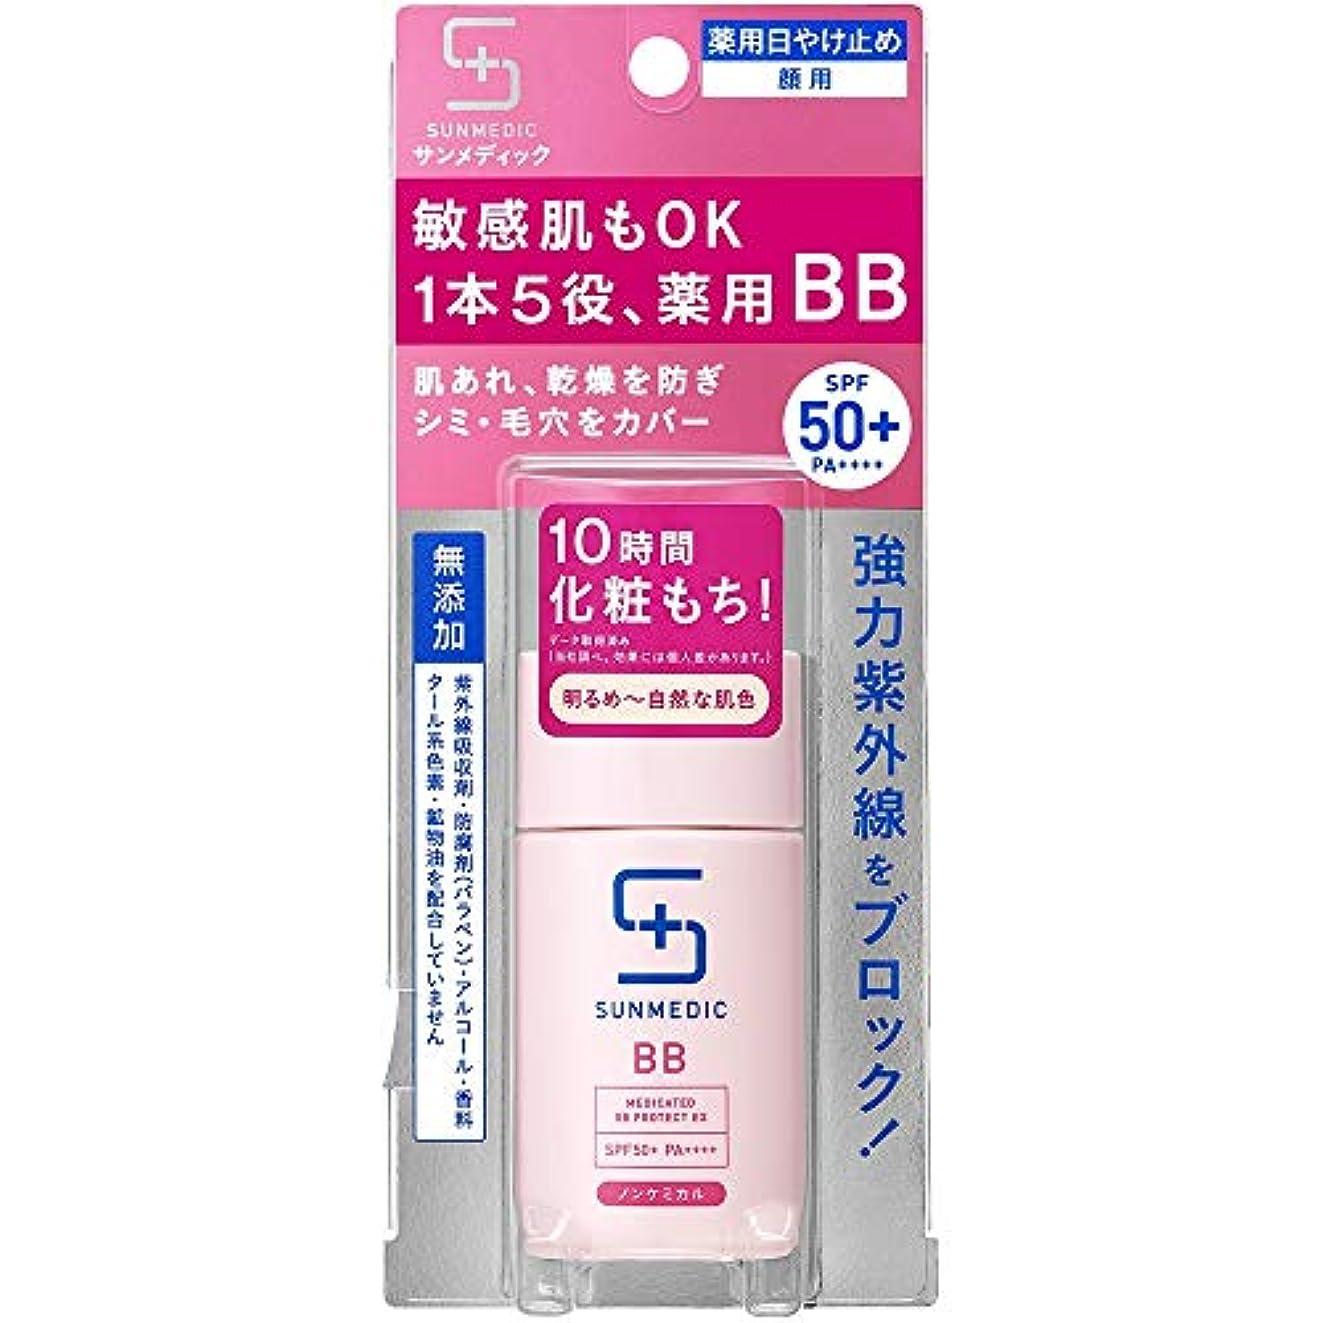 マイナス検出器カフェサンメディックUV 薬用BBプロテクトEX ライト 30ml (医薬部外品)